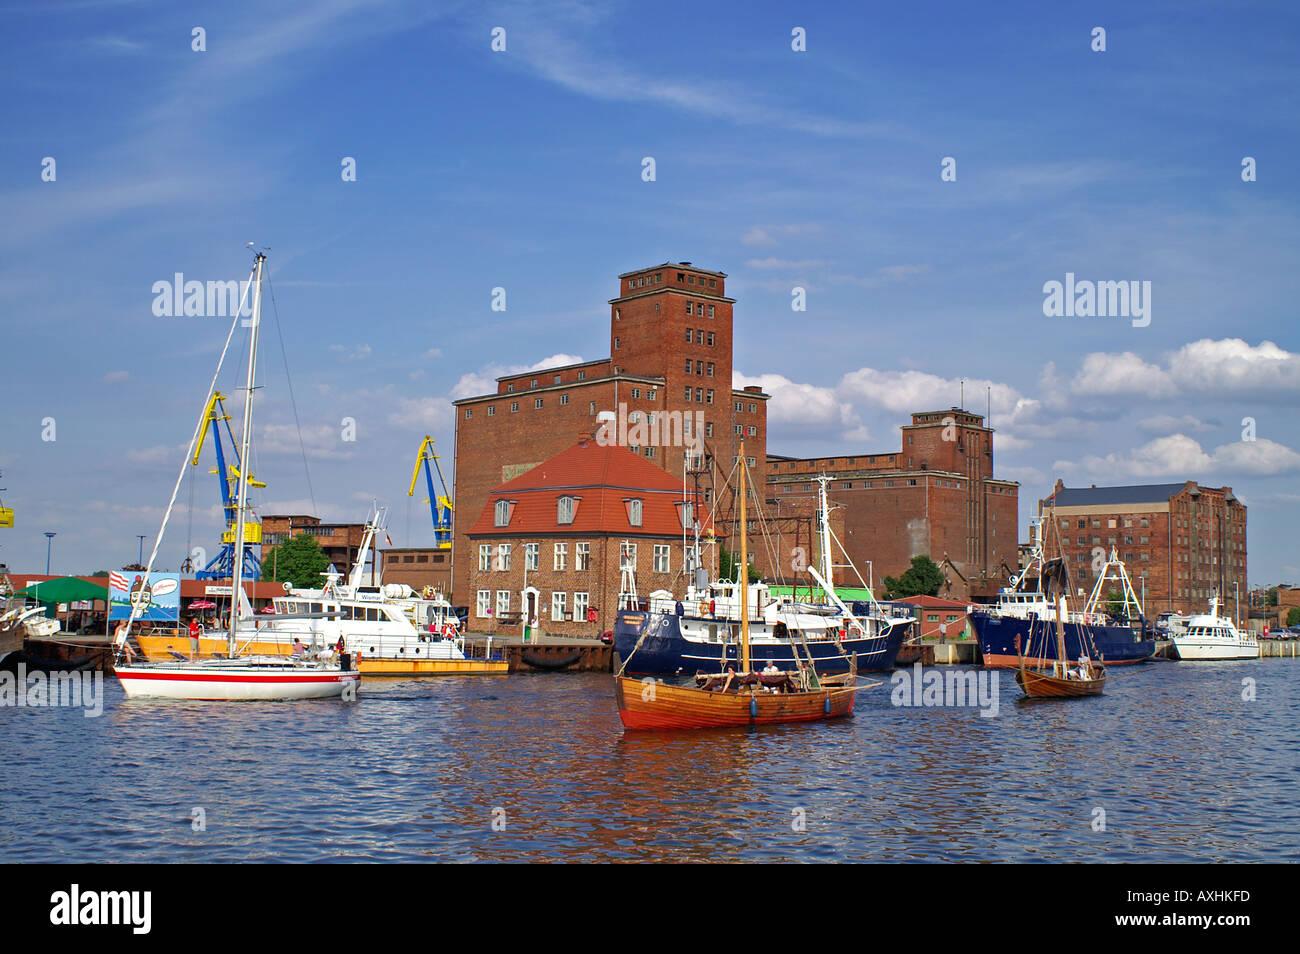 Hafen Wismar Speicher Segelboote storehouse reservoir - Stock Image